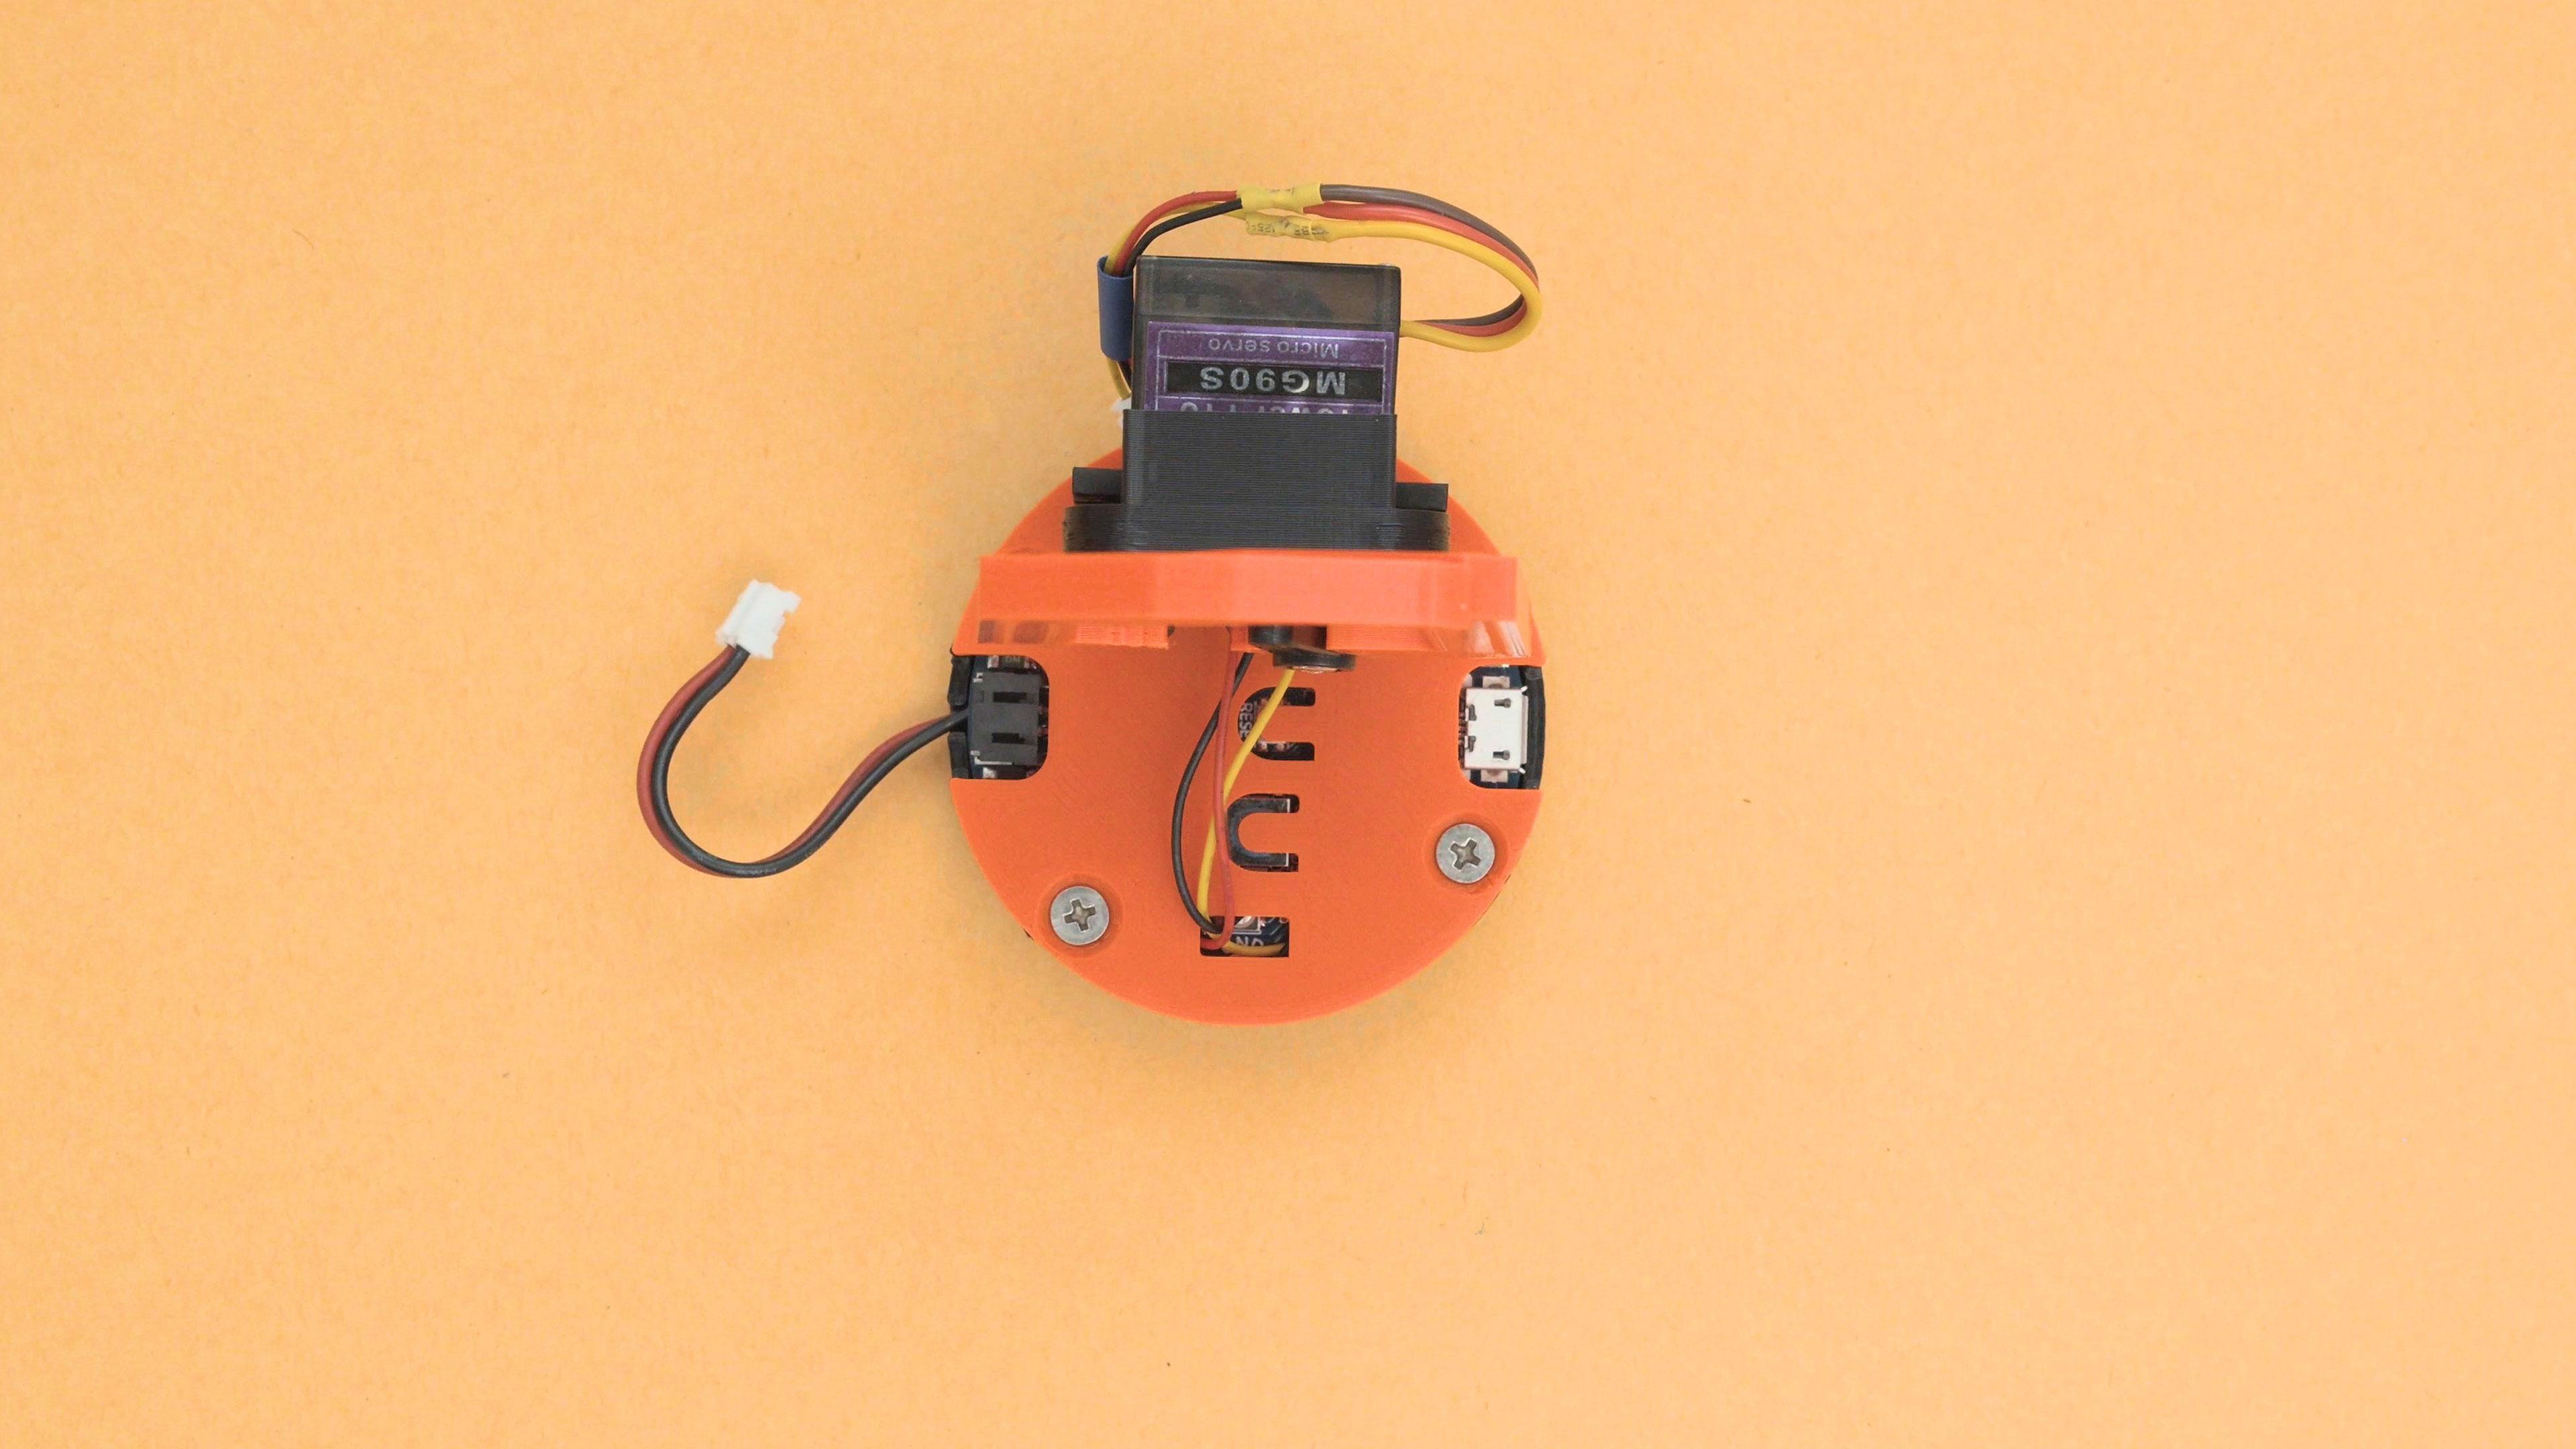 3d_printing_case-wires-screws.jpg